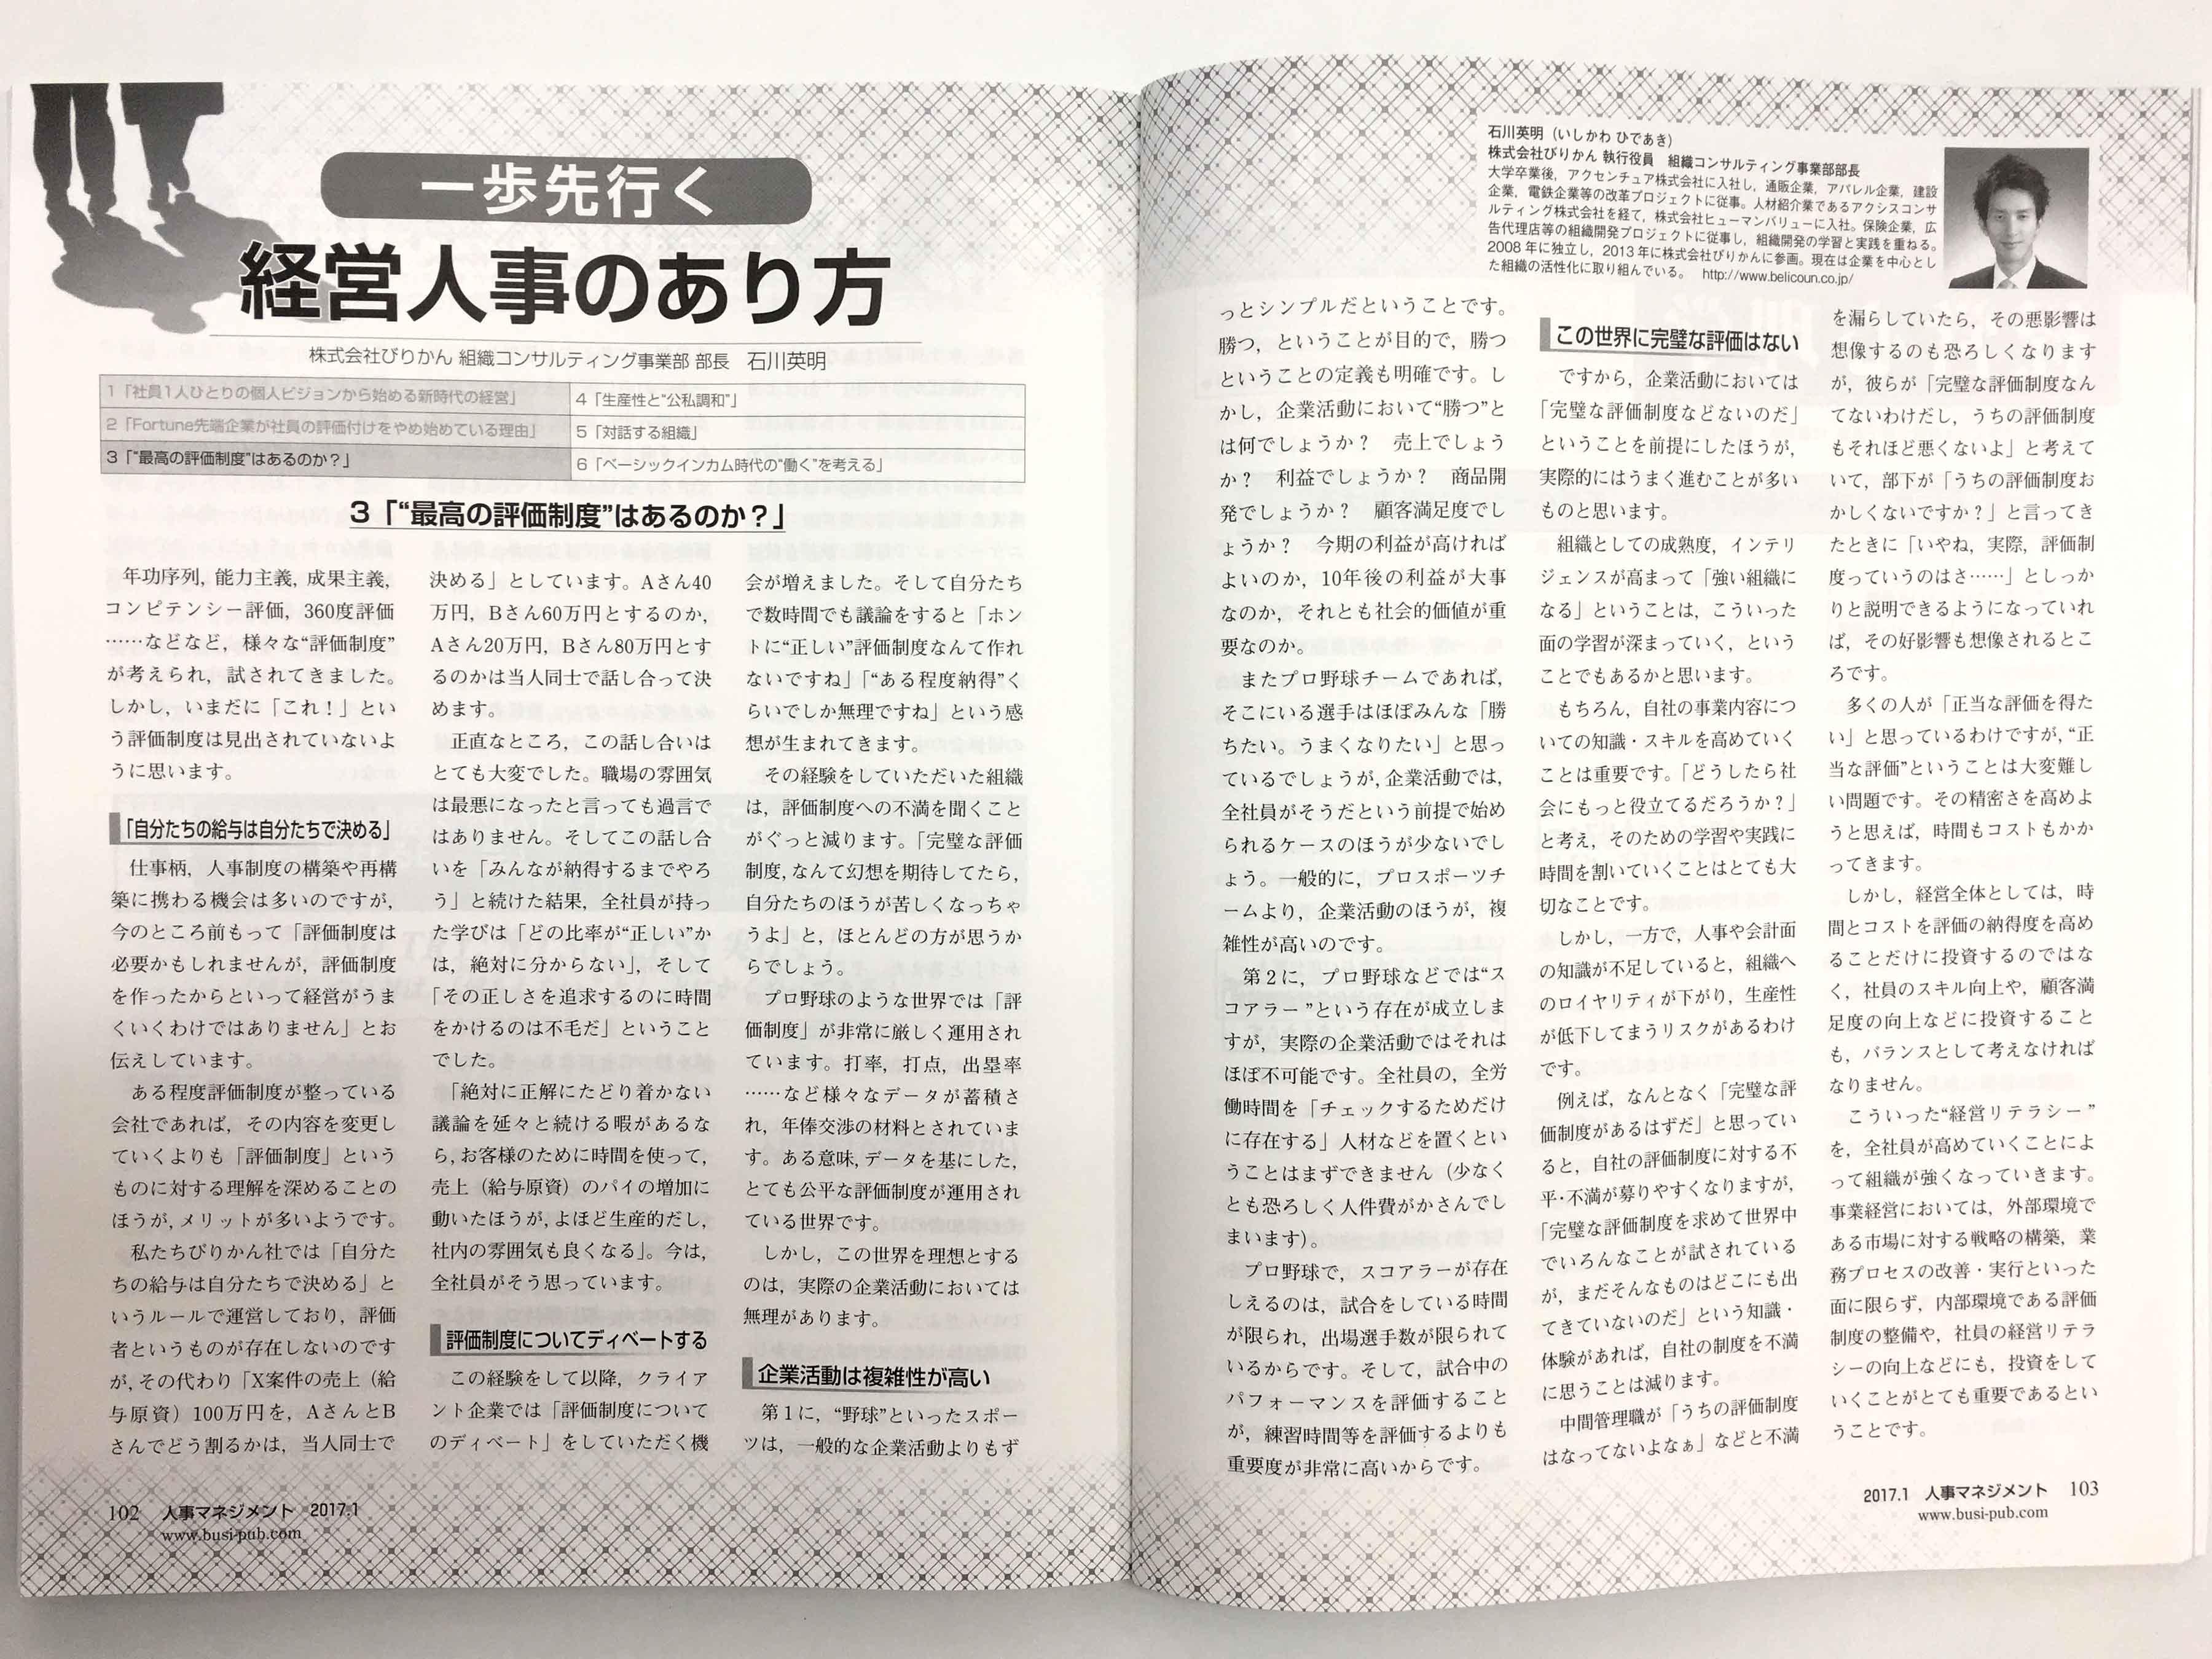 『月刊 人事マネジメント』(2017年1月号)